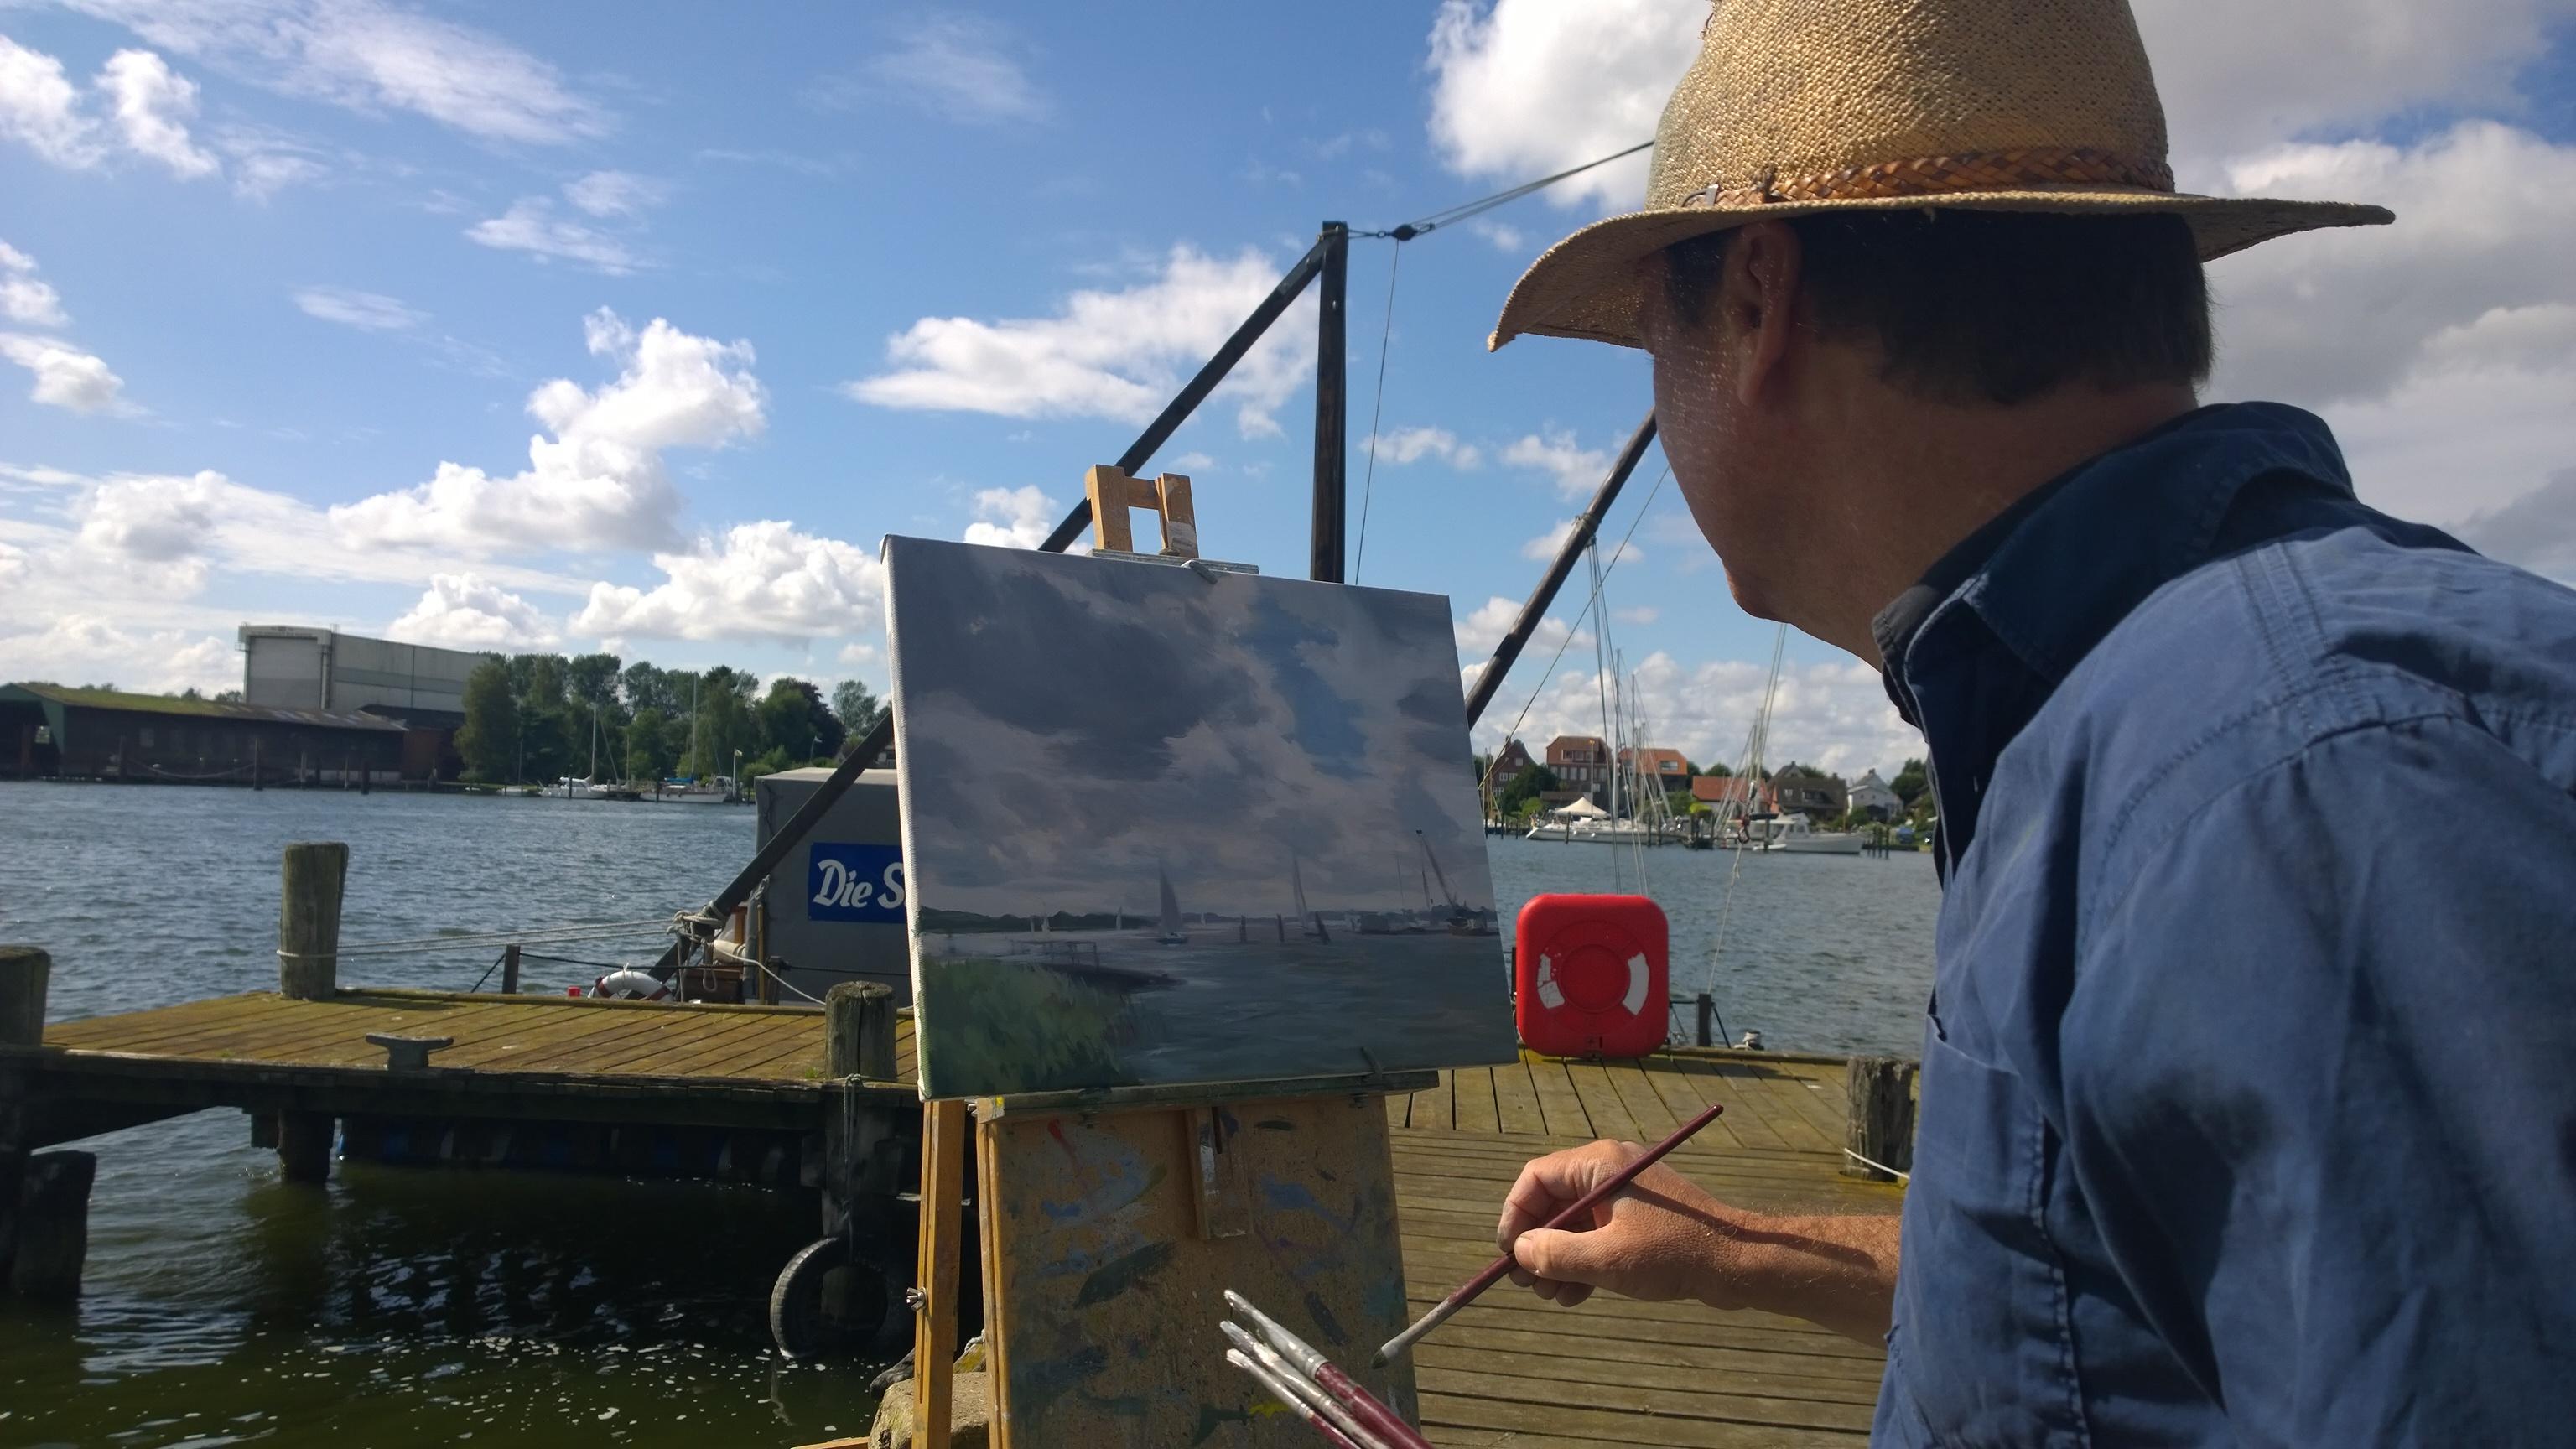 Abbildung des Künstlers vor seiner Leinwand auf einer Staffelei wie er am Ufer der Schlei die Landschaft malt